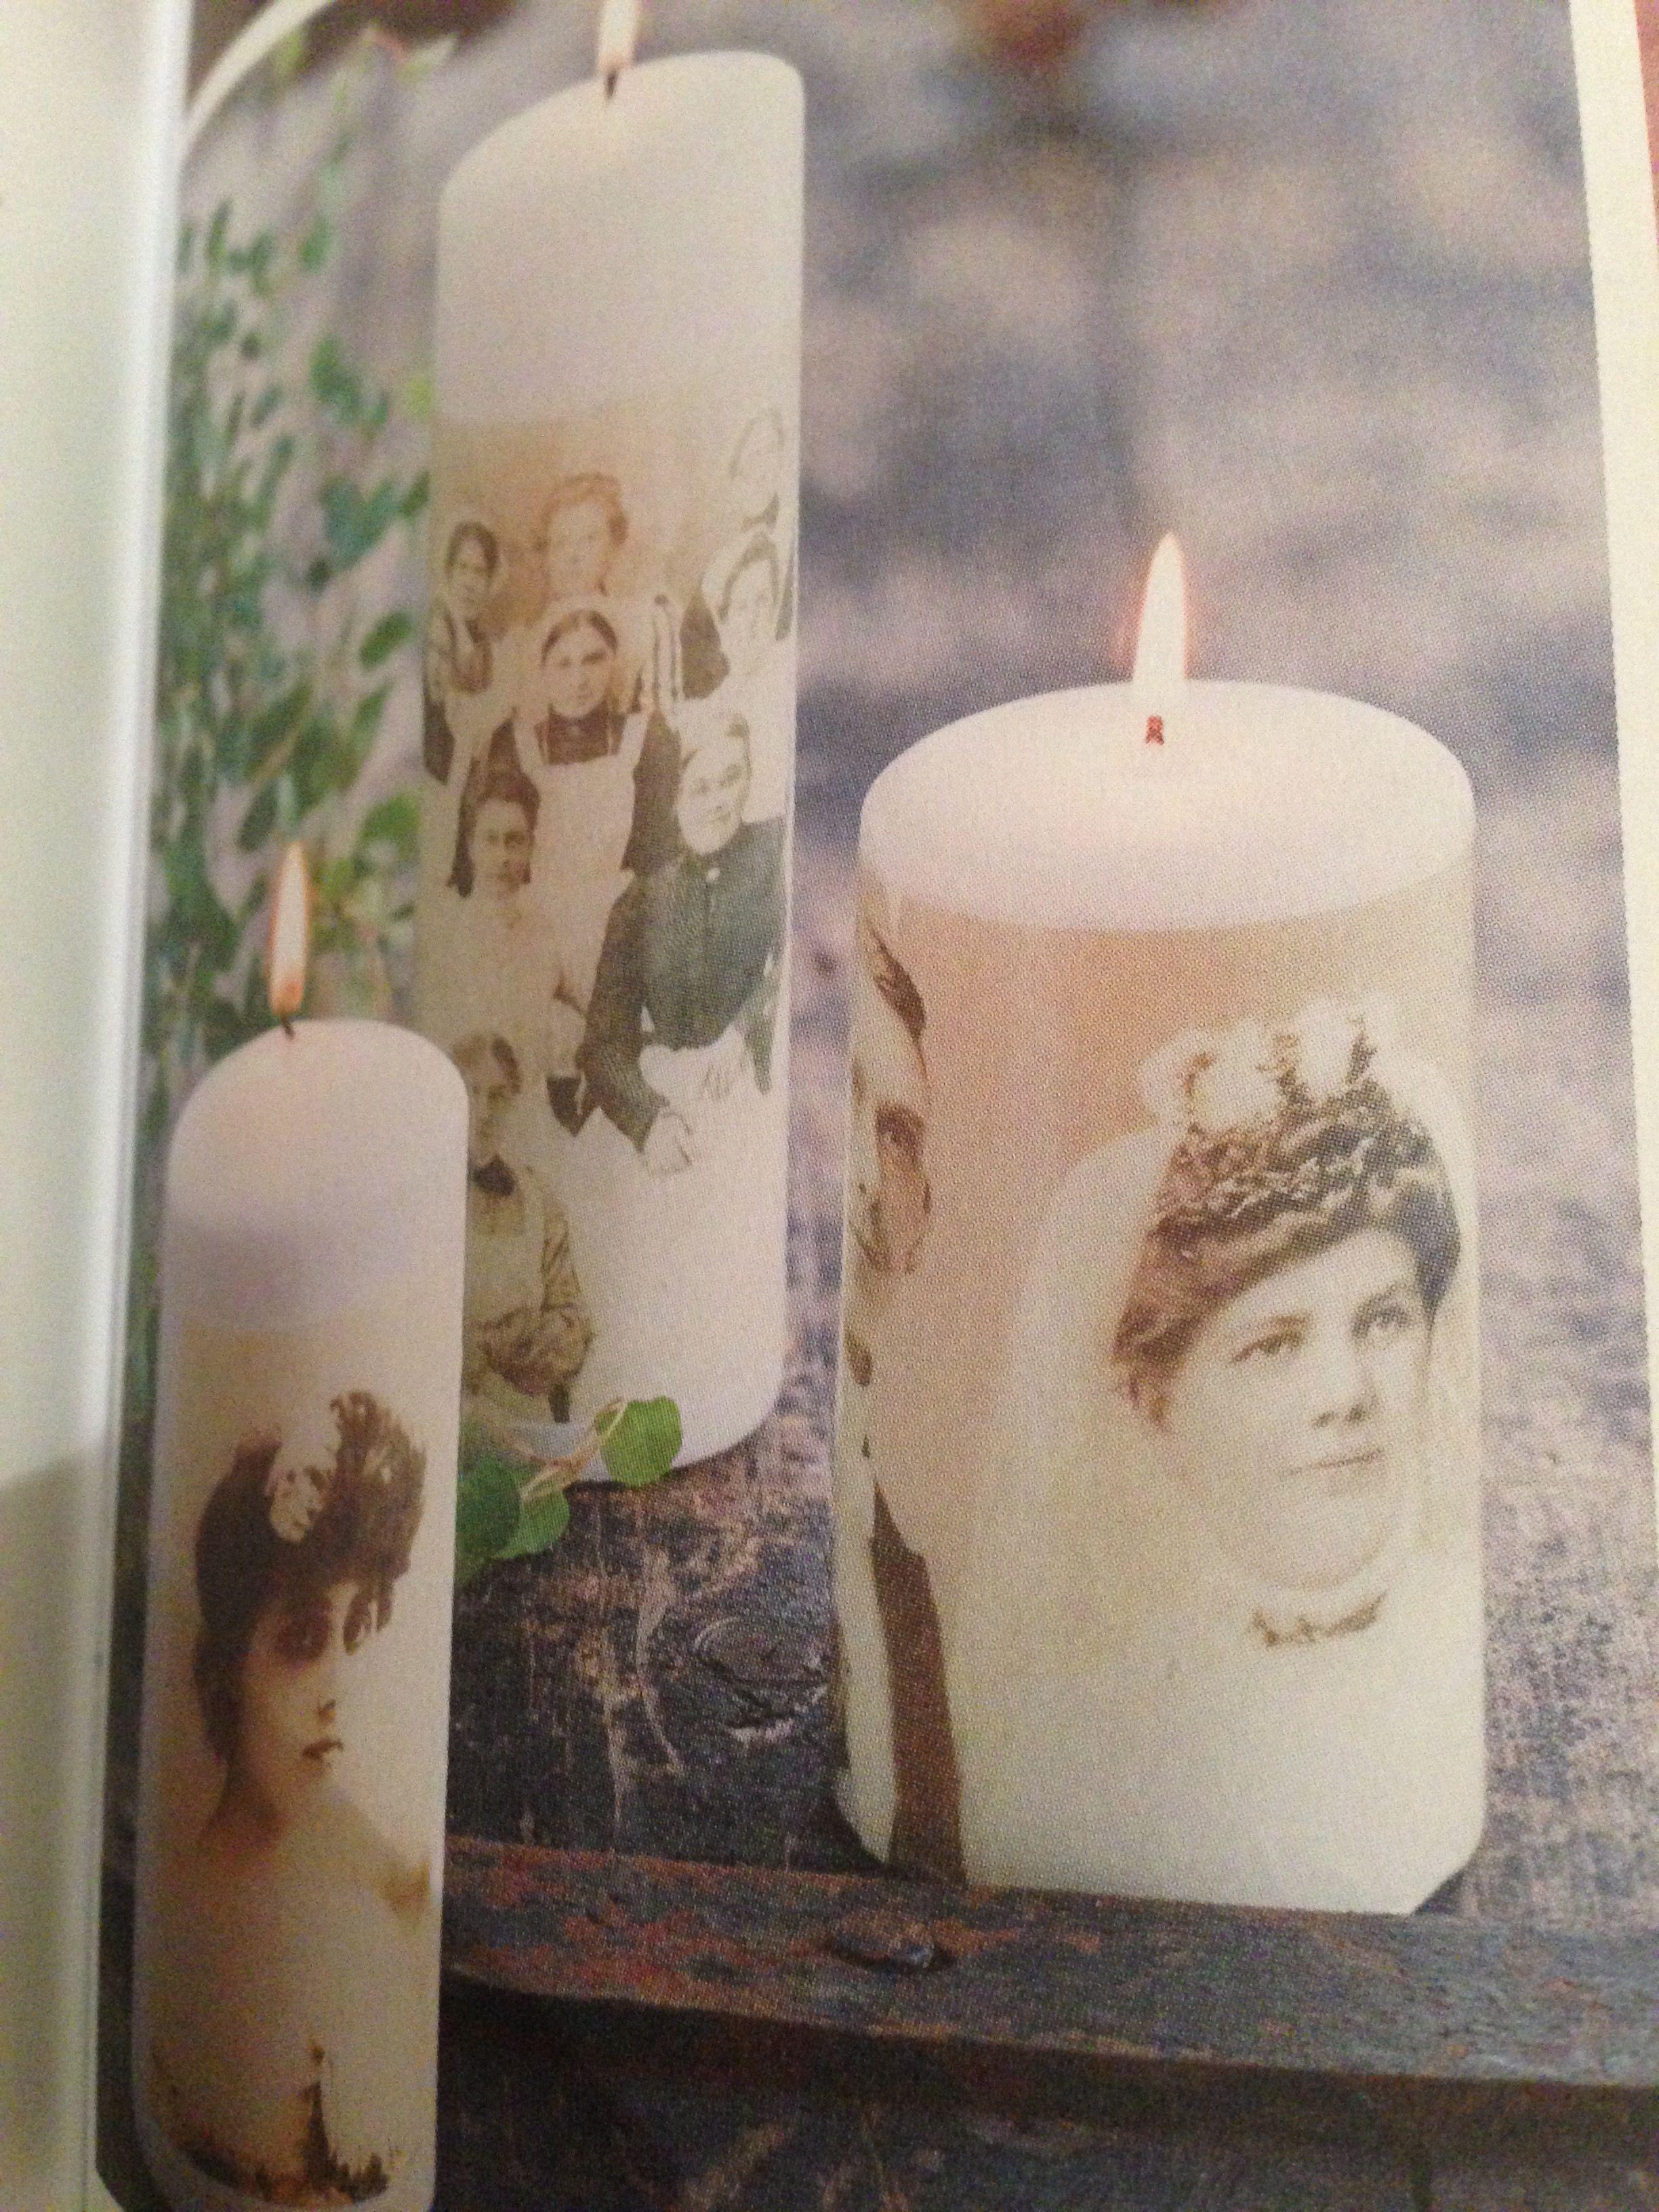 Siirtokuvapaperille tulostettu ja sitten kynttilädecoupagella